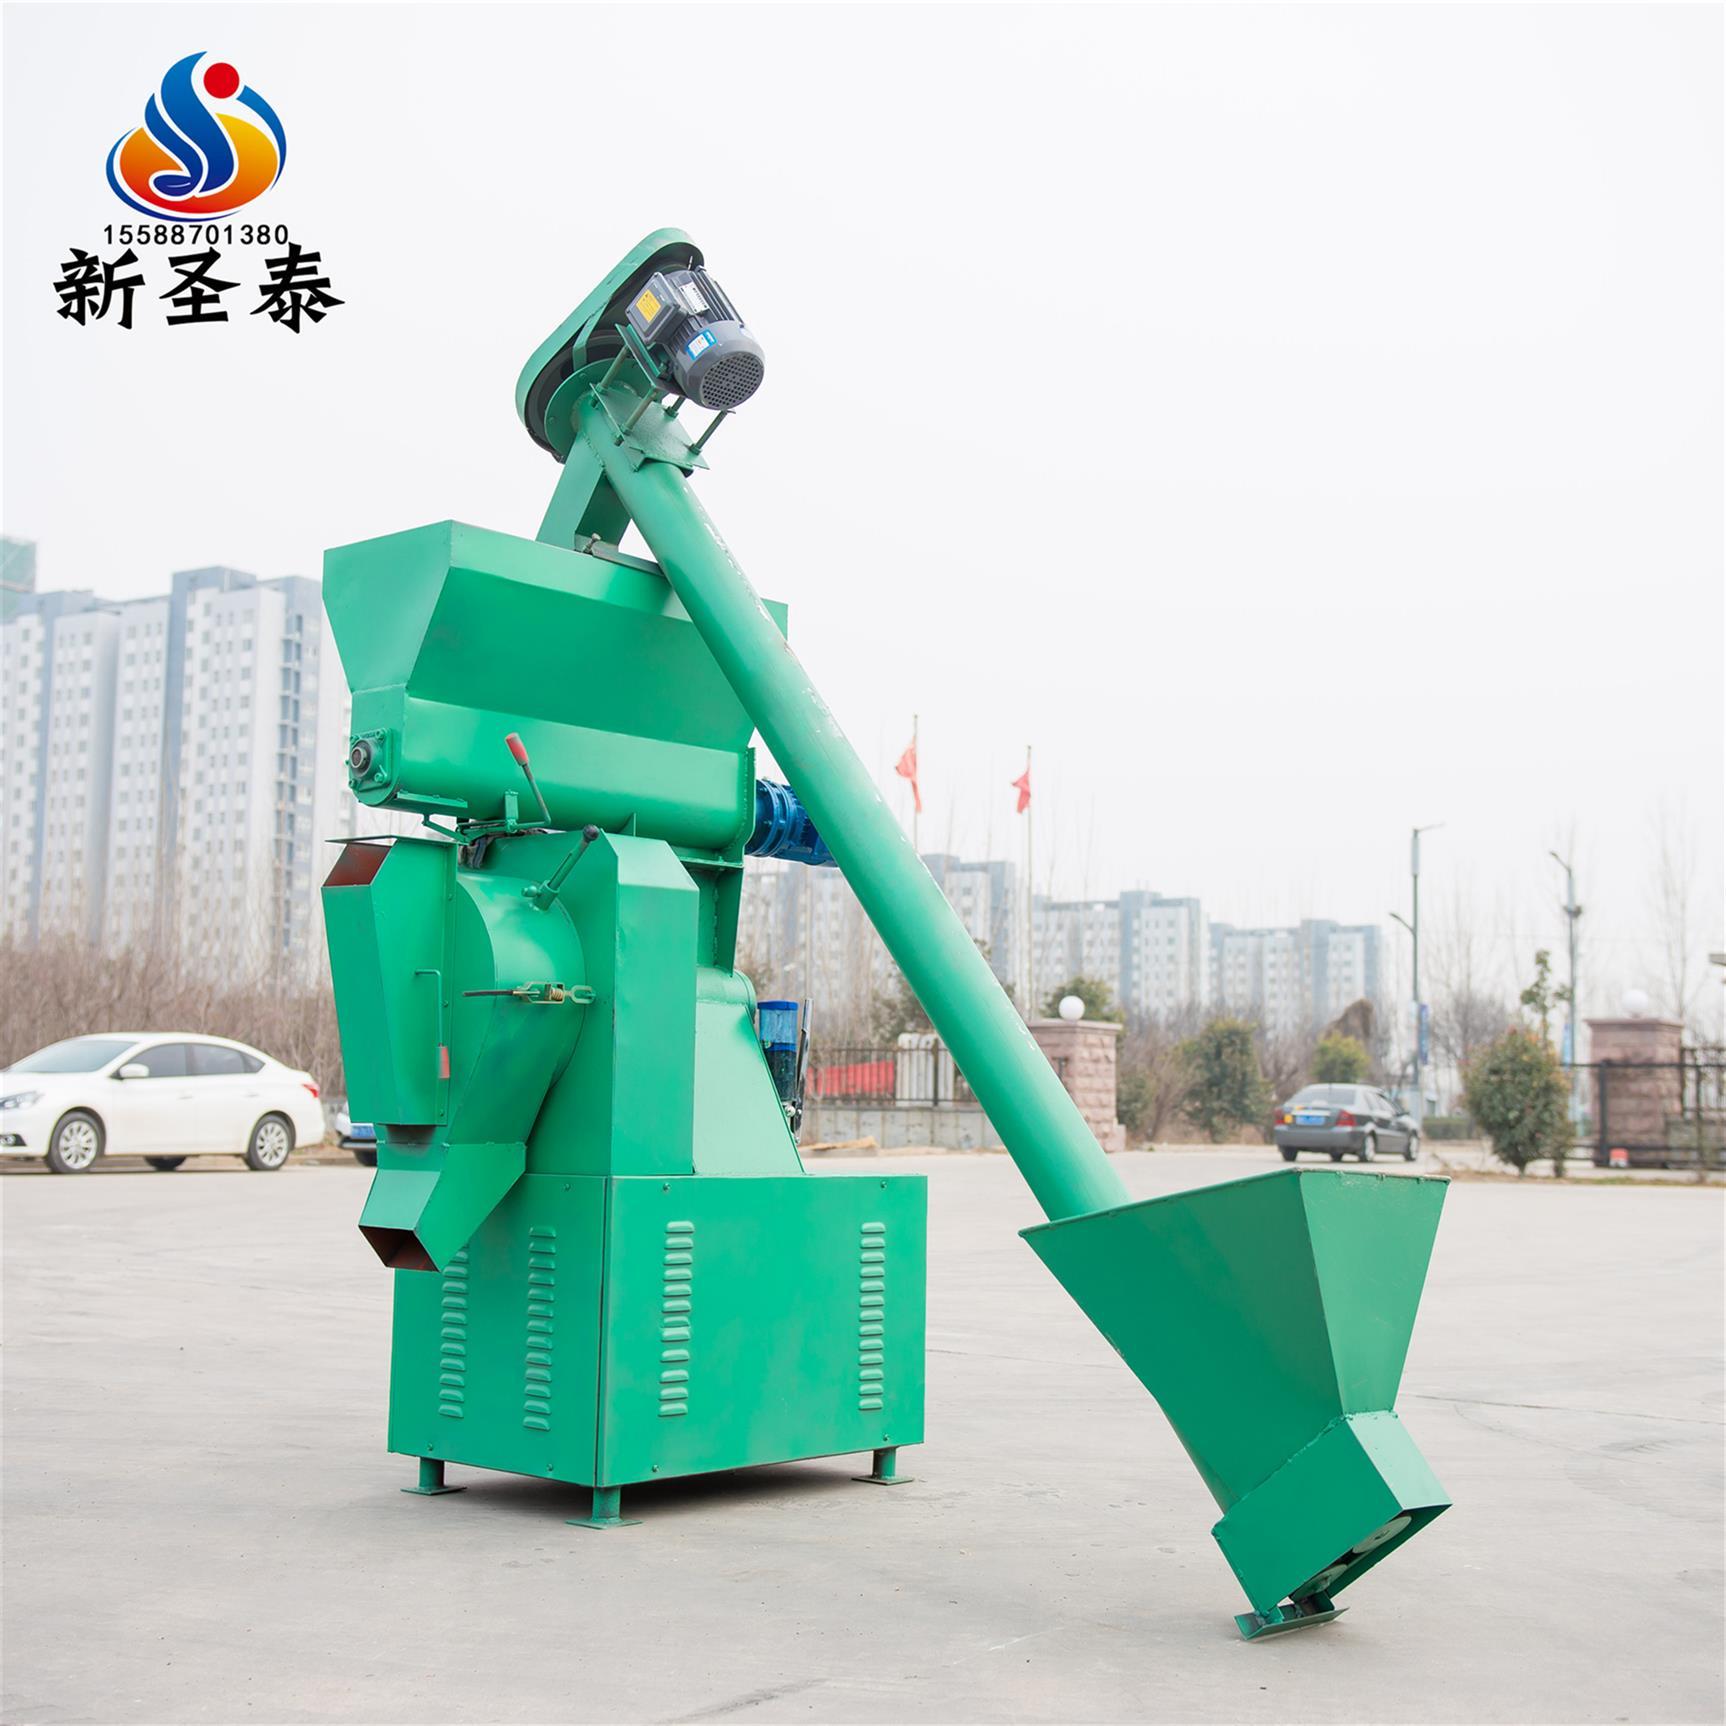 麗江牛羊顆粒飼料機生產廠家